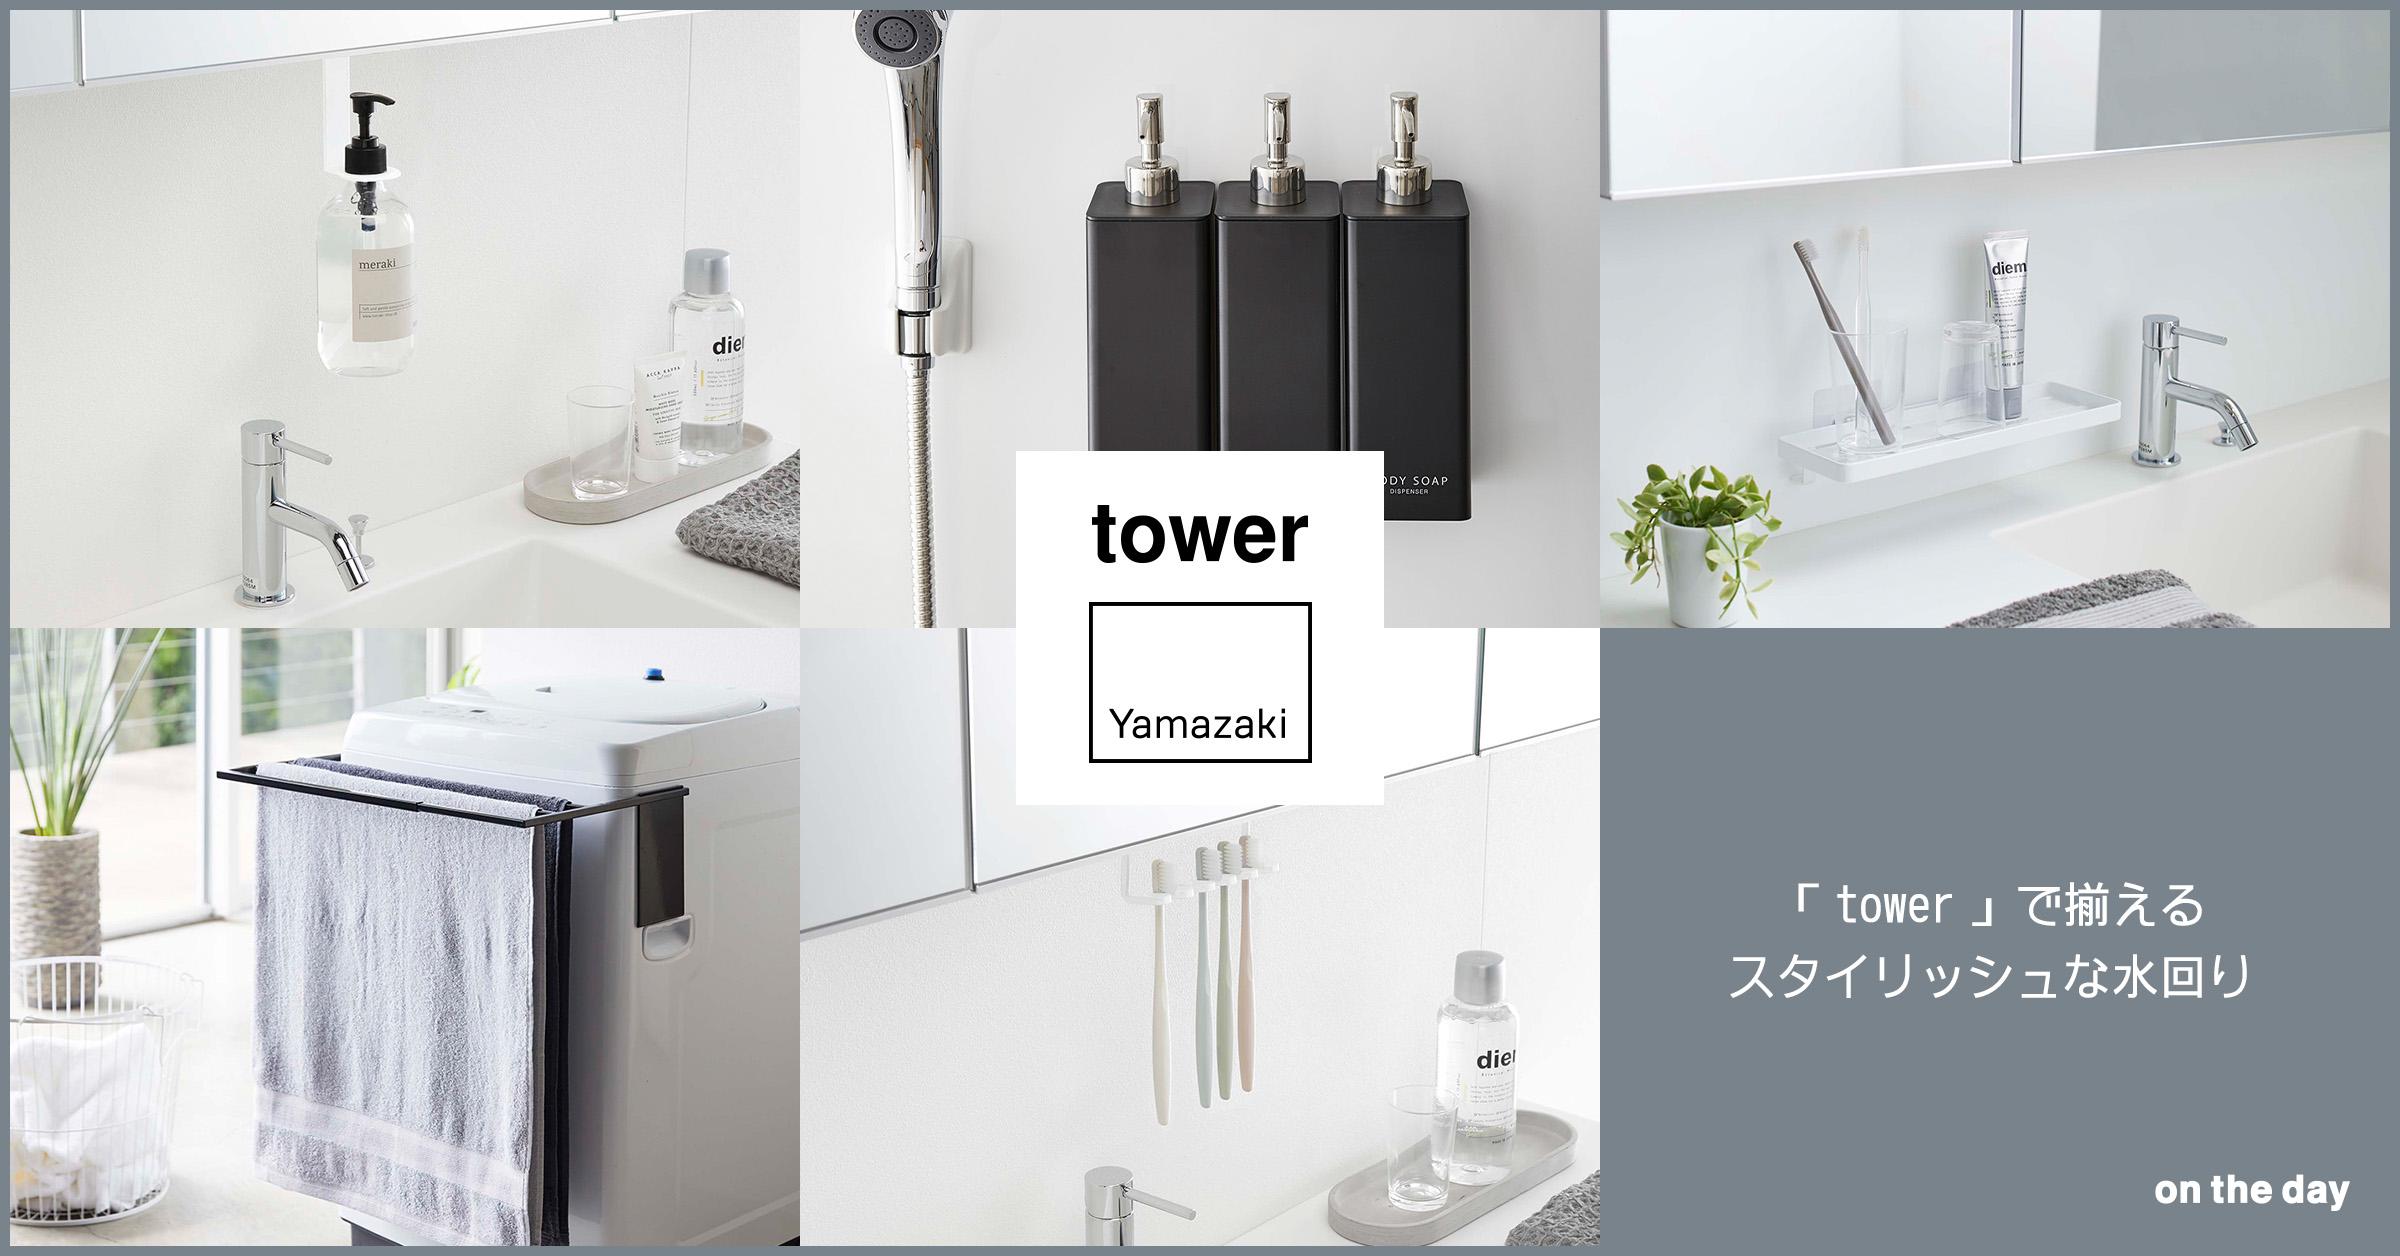 【tower/タワー】で揃えるスタイリッシュなサニタリールーム